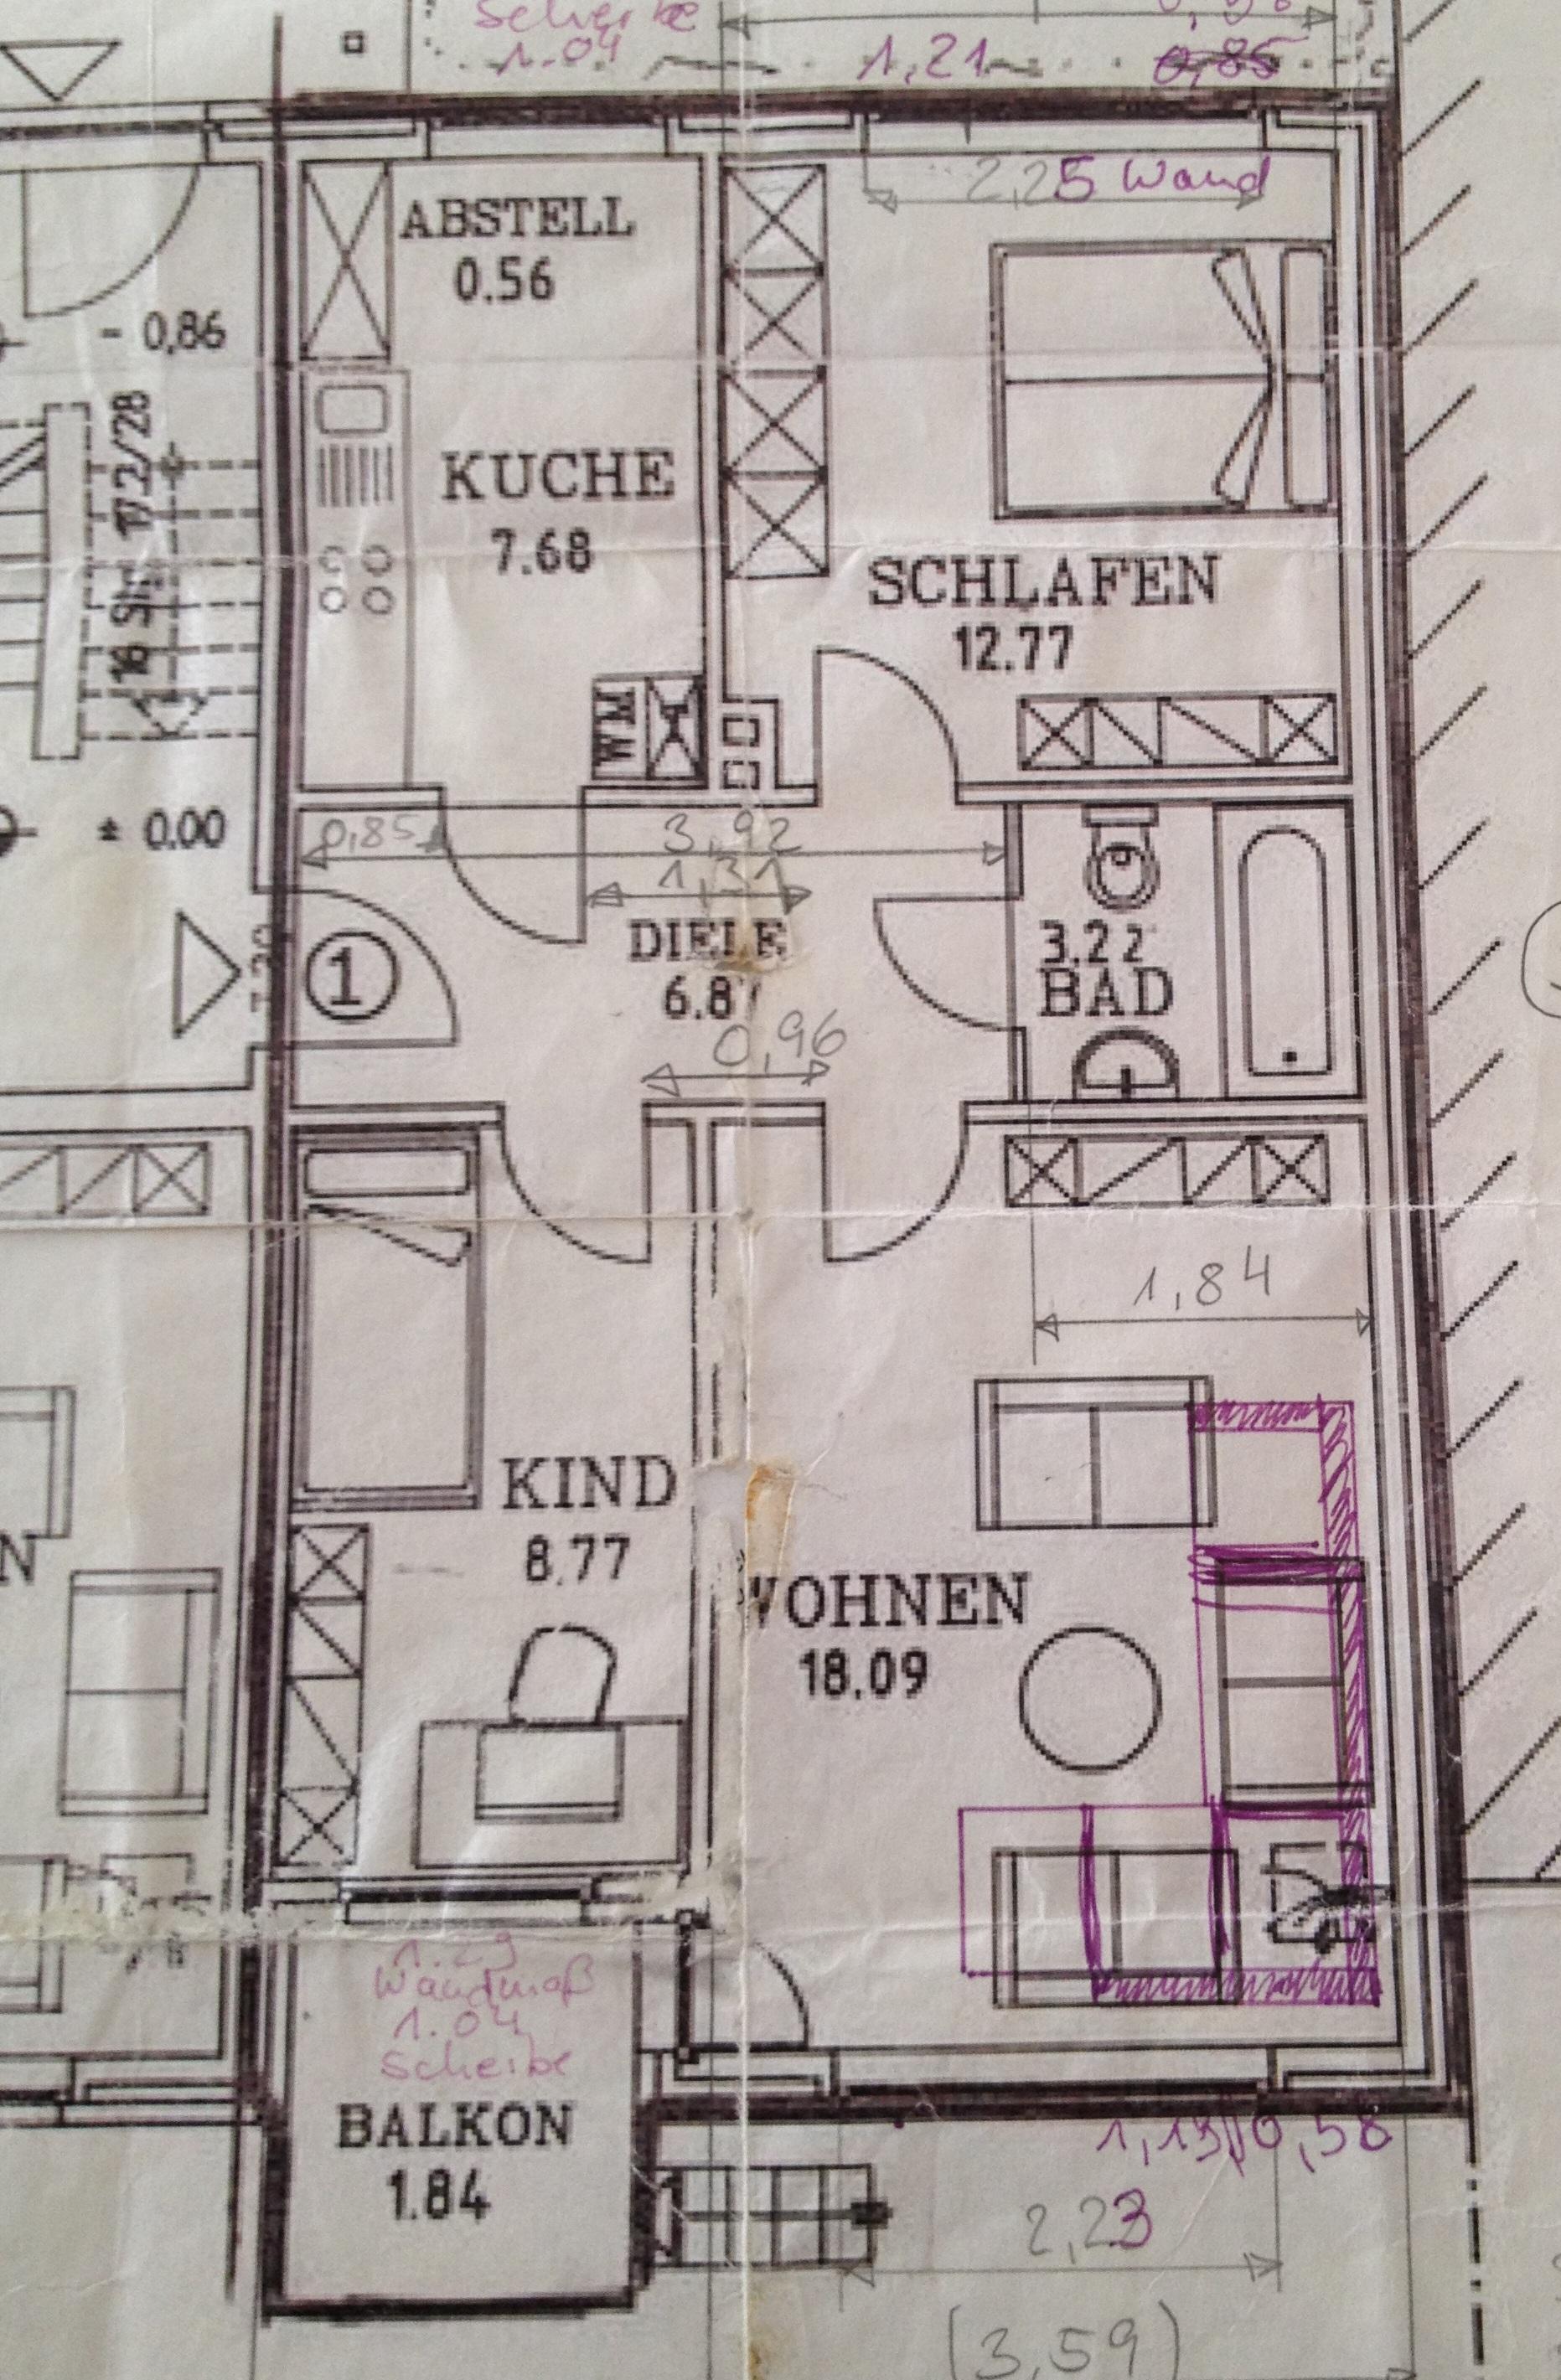 hilfe k che sieht immer unordentlich aus beauty haushalt. Black Bedroom Furniture Sets. Home Design Ideas